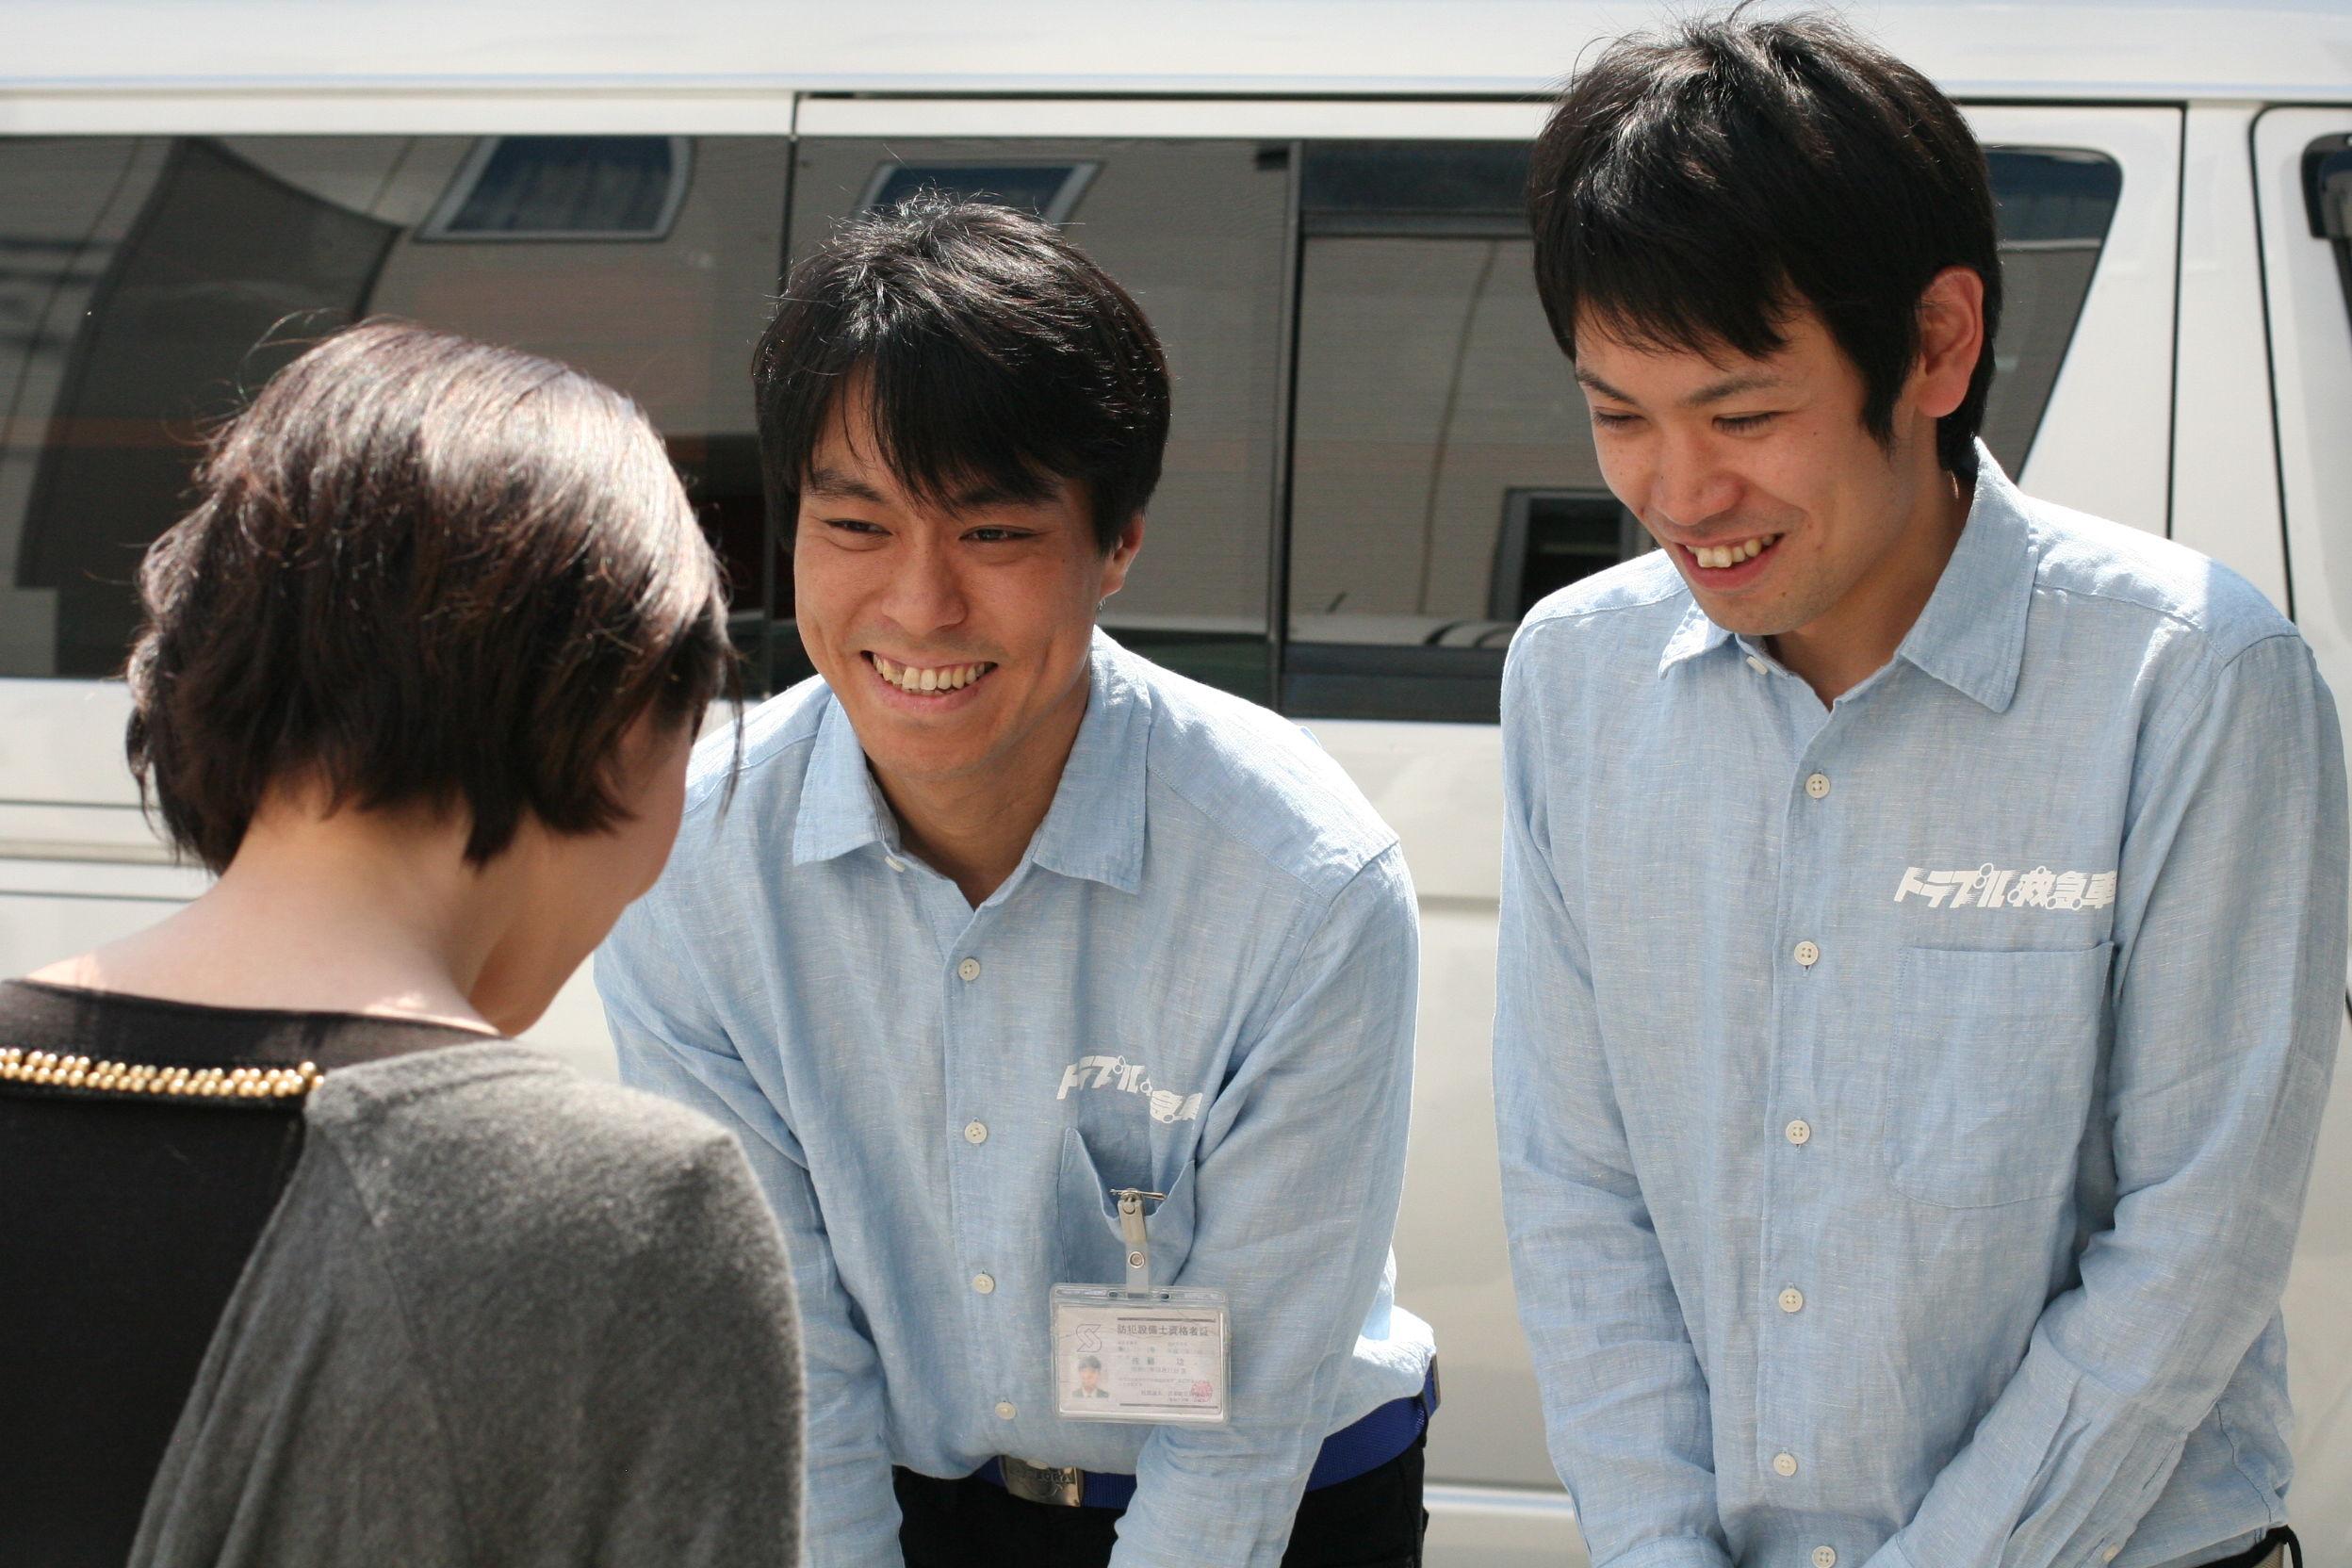 カギのトラブル救急車【姫路市 出張エリア】のアピールポイント1